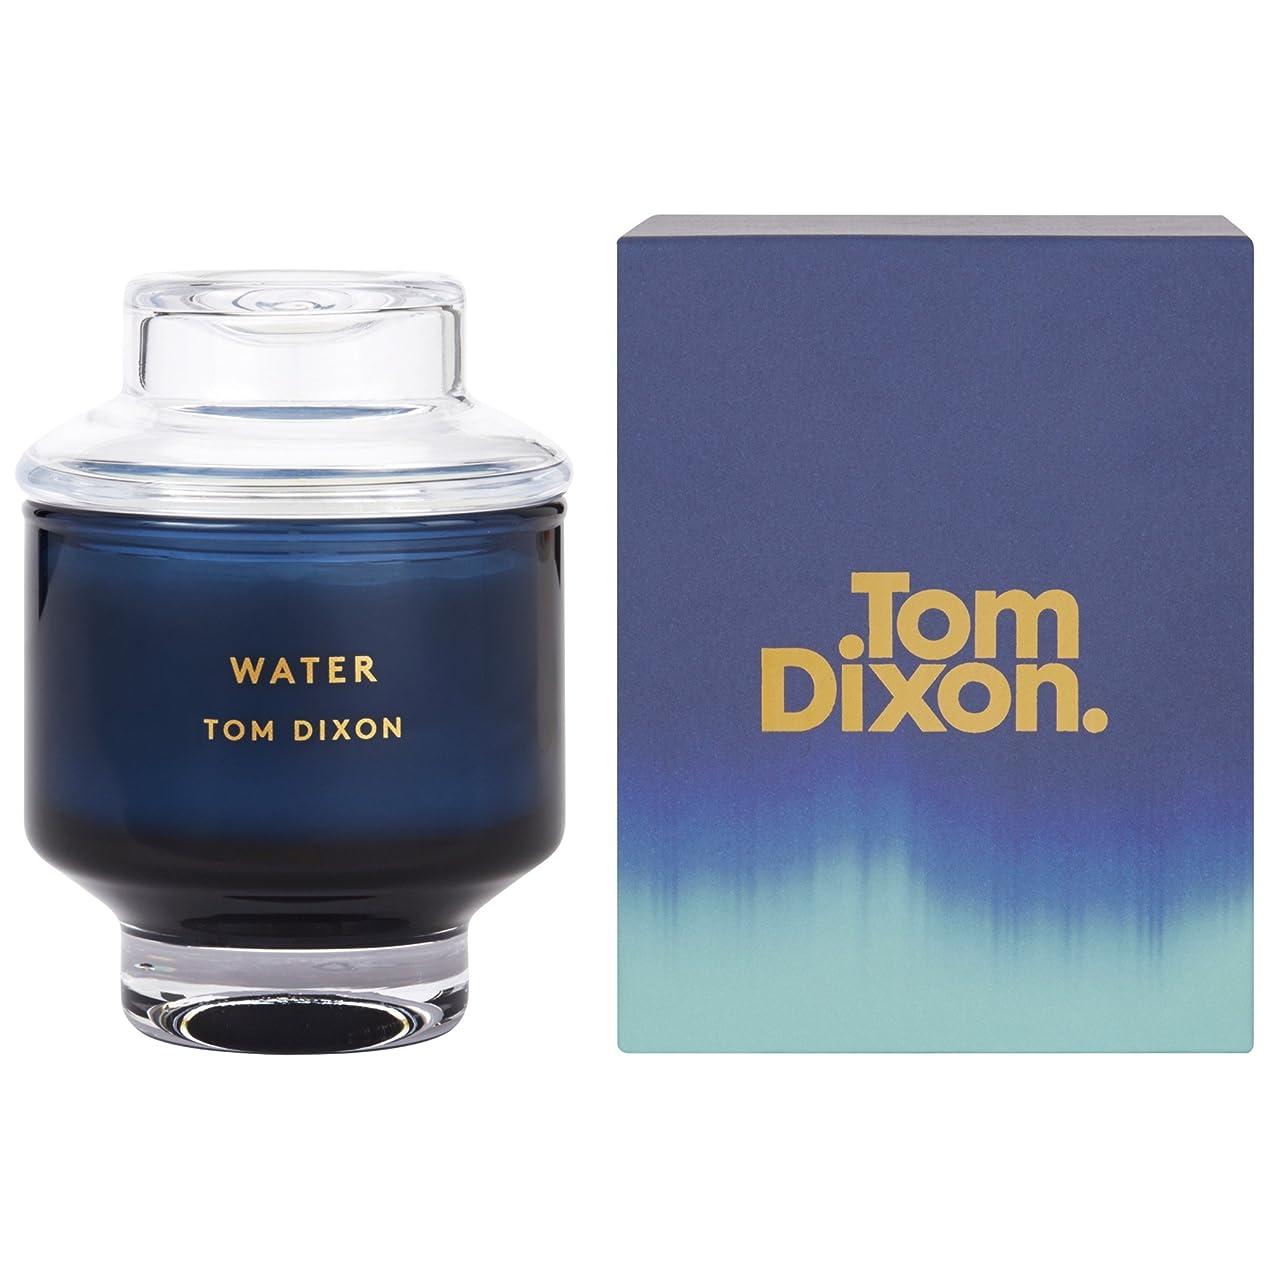 放散する裸レトルトトム?ディクソン水の香りのキャンドル媒体 x6 - Tom Dixon Water Scented Candle Medium (Pack of 6) [並行輸入品]